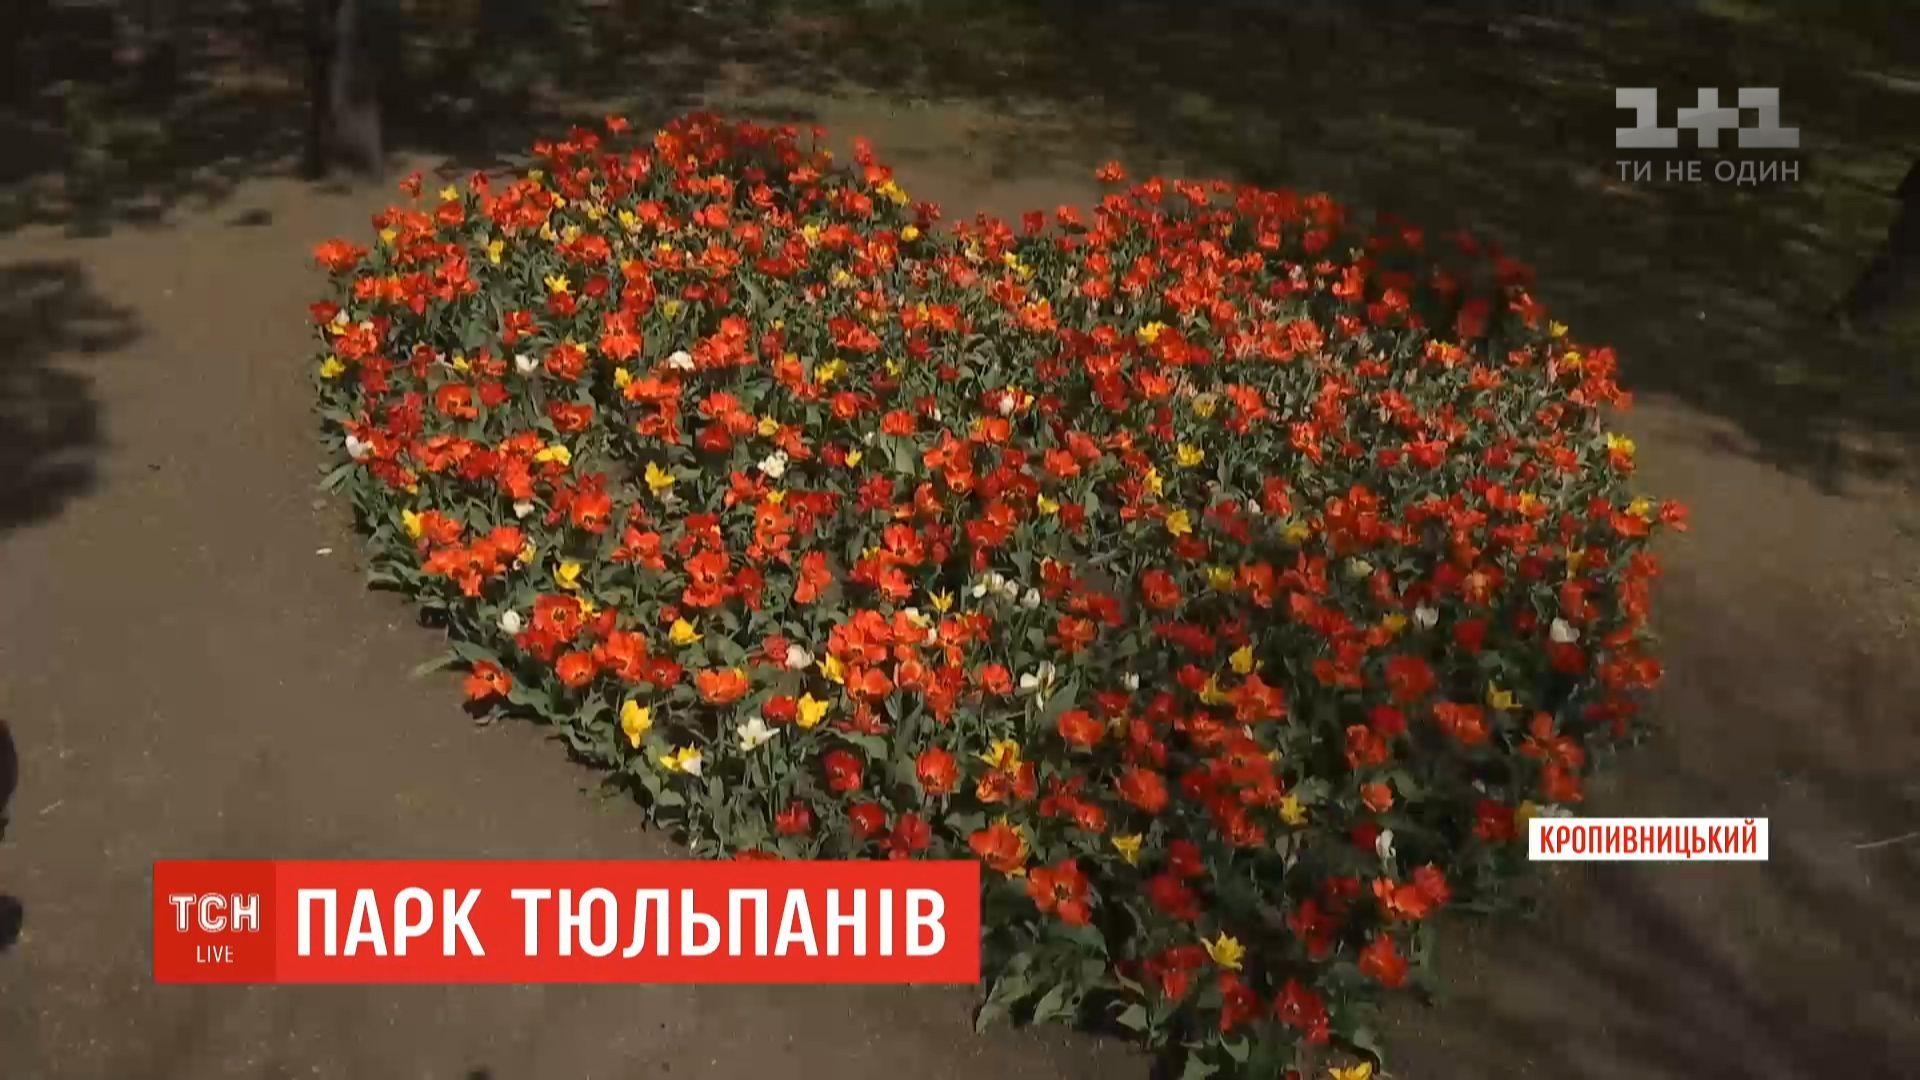 В этом году сезон цветения тюльпанов в центре Украины продлится дольше / скриншот